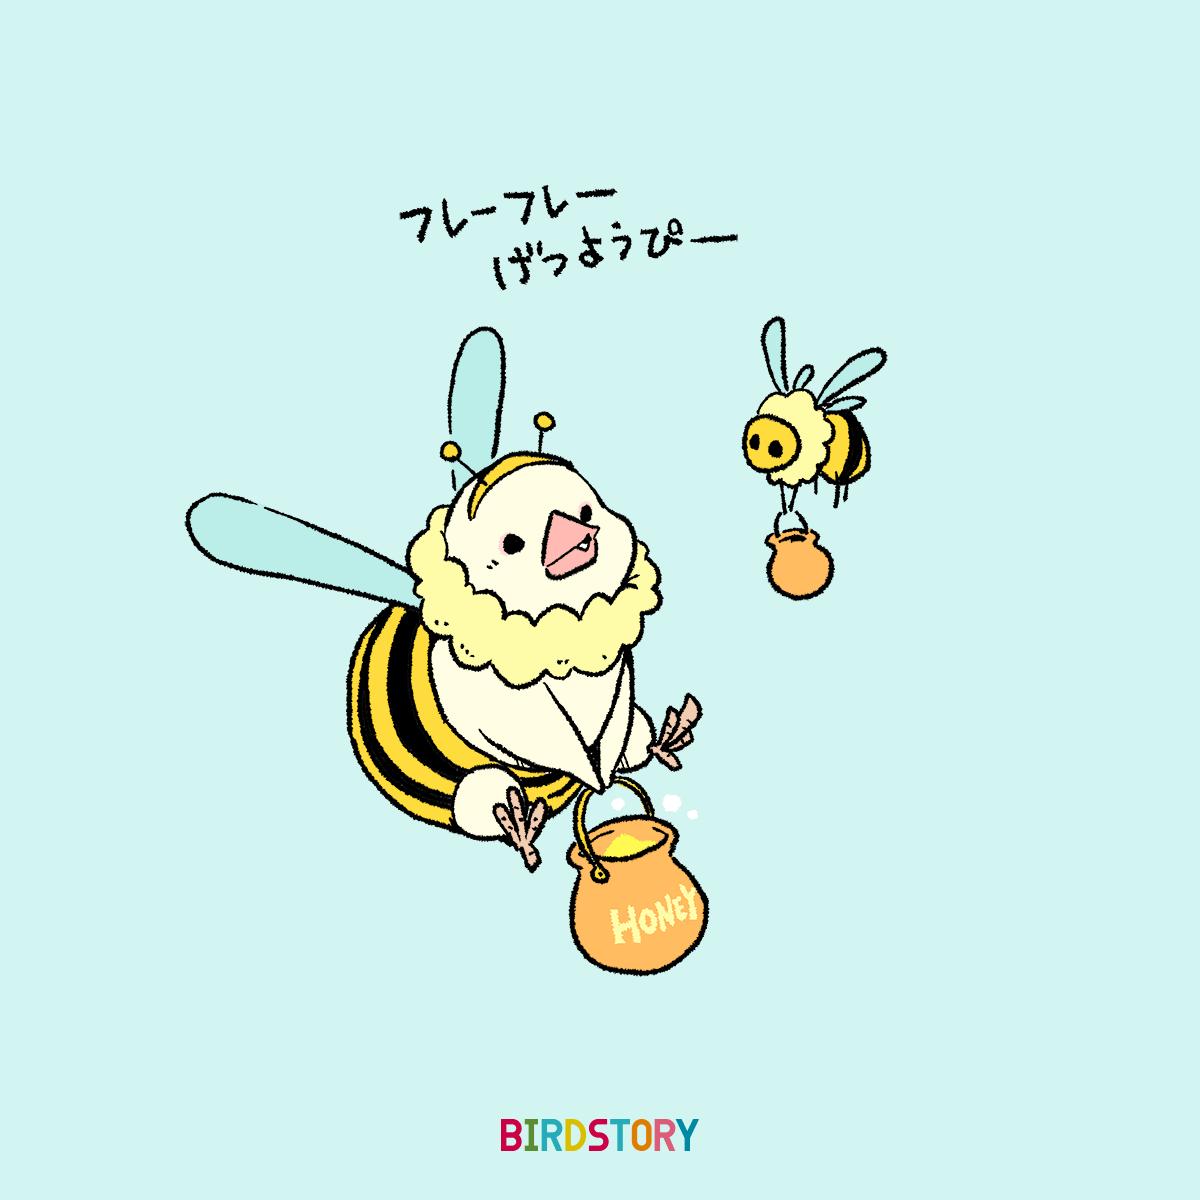 みつばち ハチミツ 蜜蜂イラスト 文鳥コスプレ